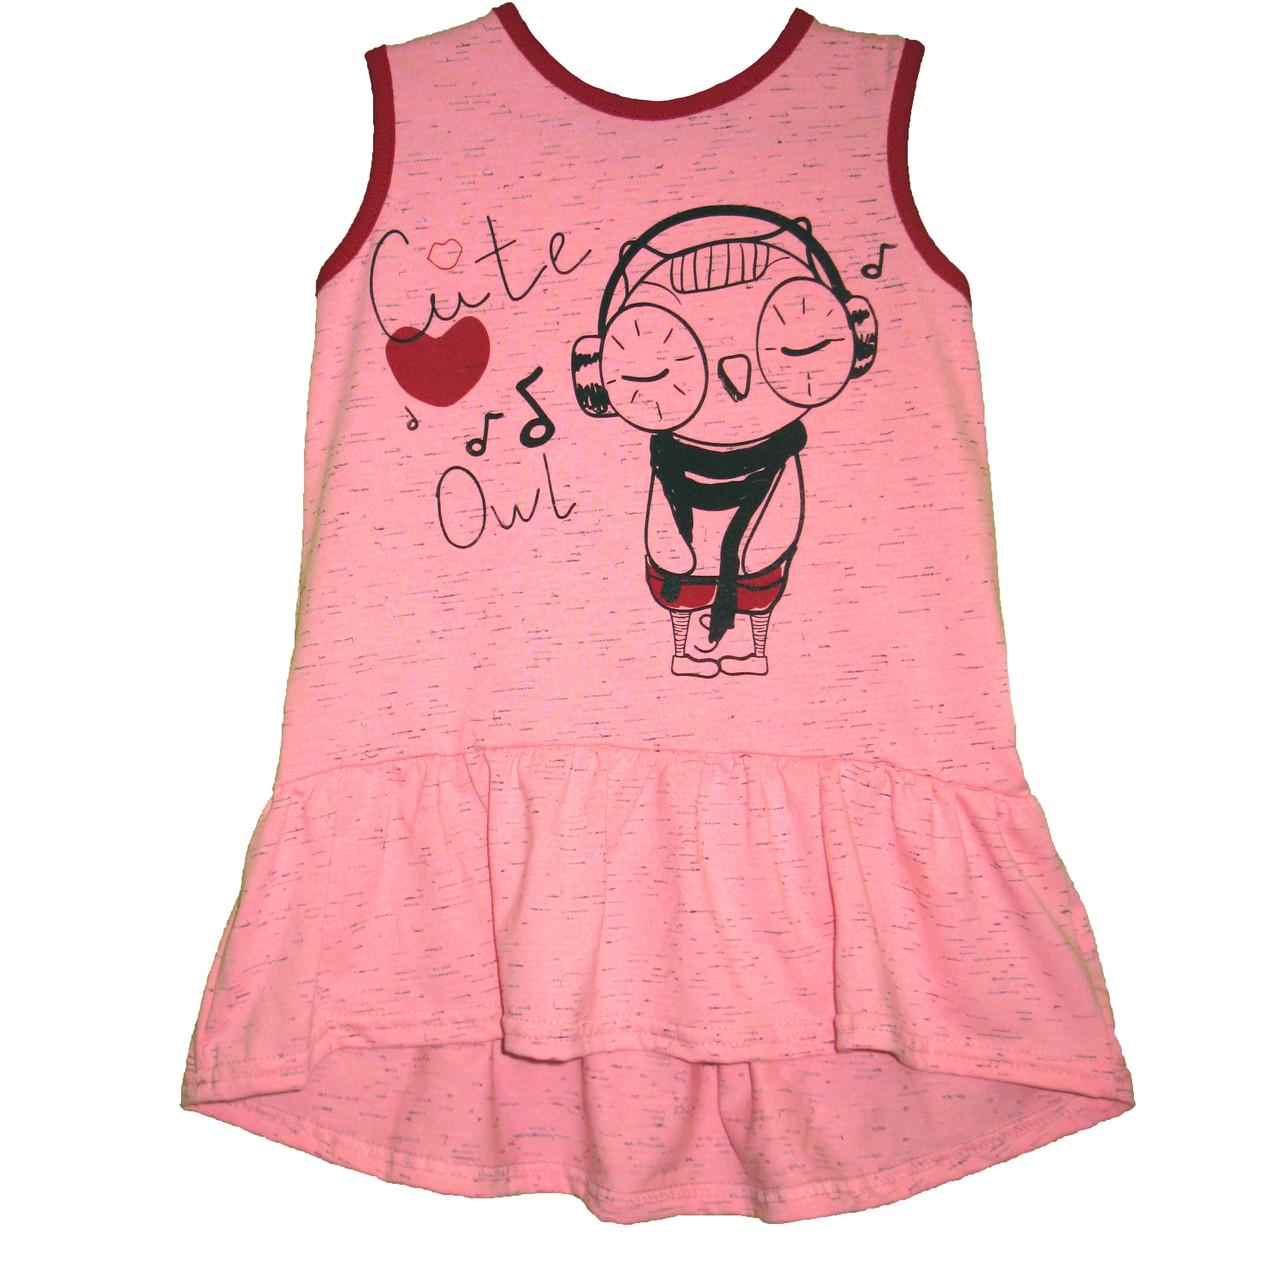 a324c74b5d8 Платье туника для девочек Совушка - ВИСА - украинский трикотаж от  производителя в Полтавской области